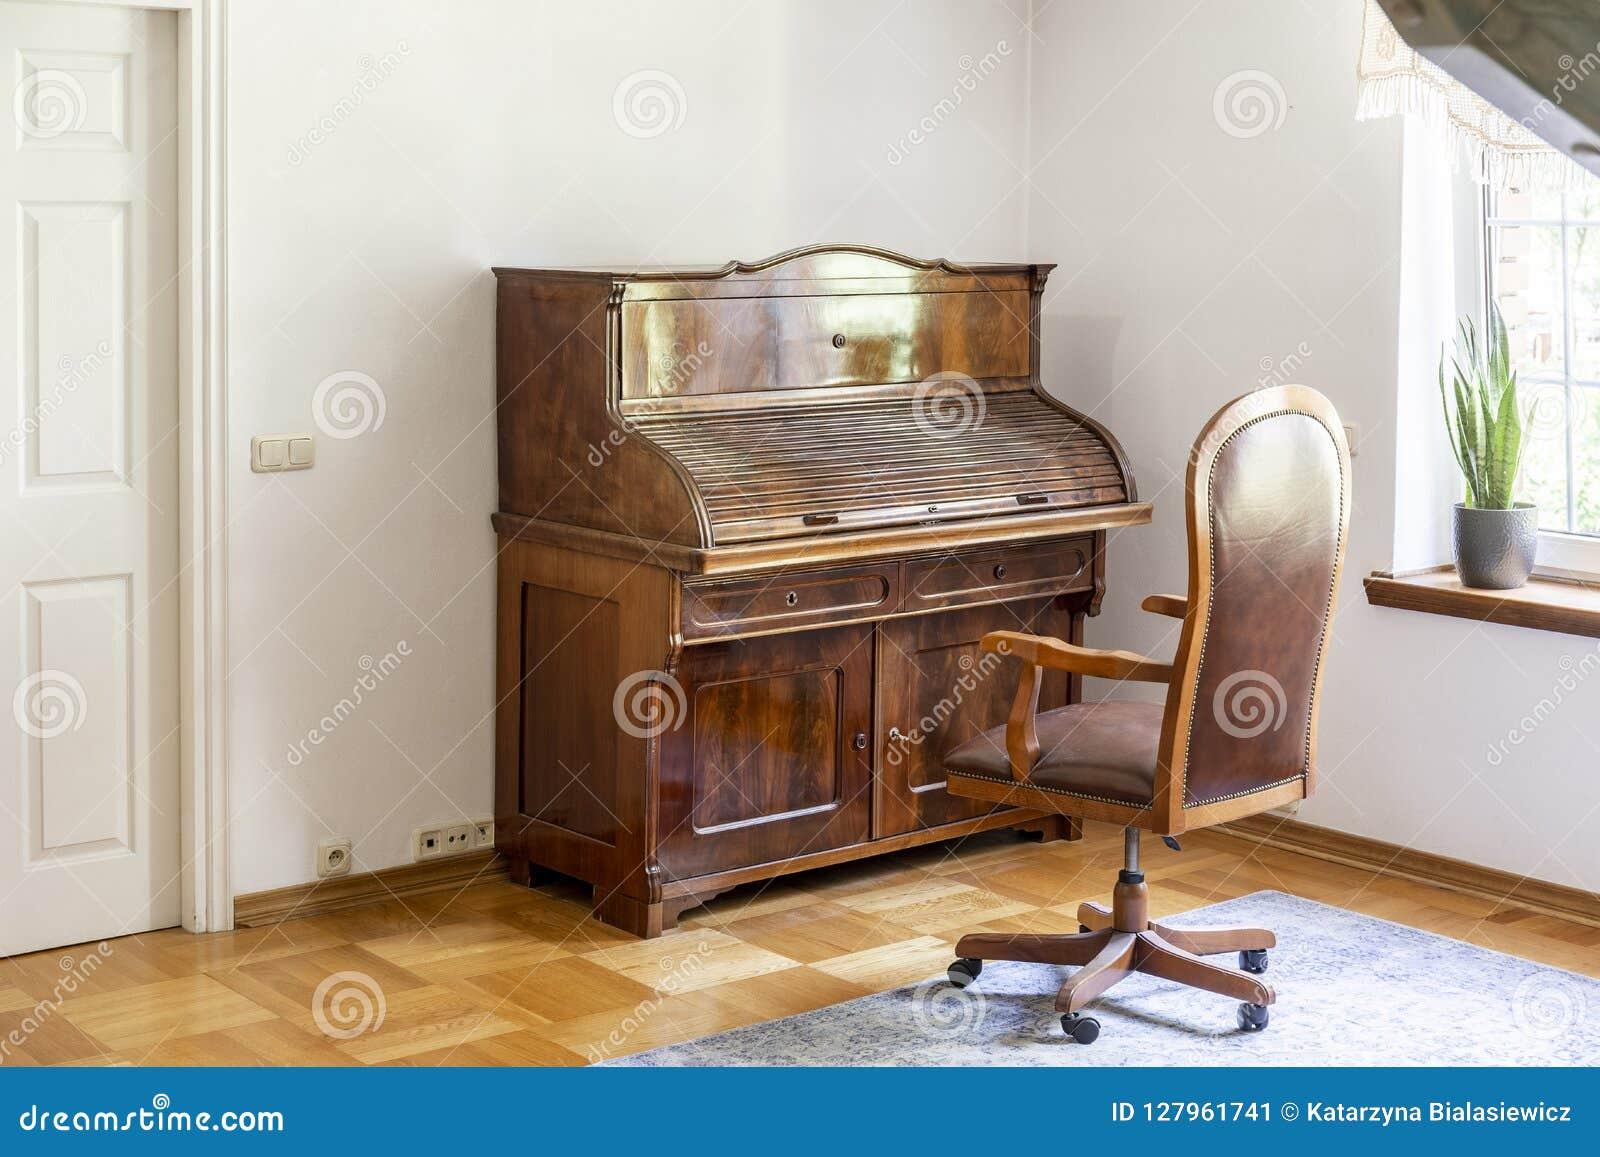 Stoel Met Wielen : Klassieke piano en stoel op wielen in een antiek ruimtebinnenland r